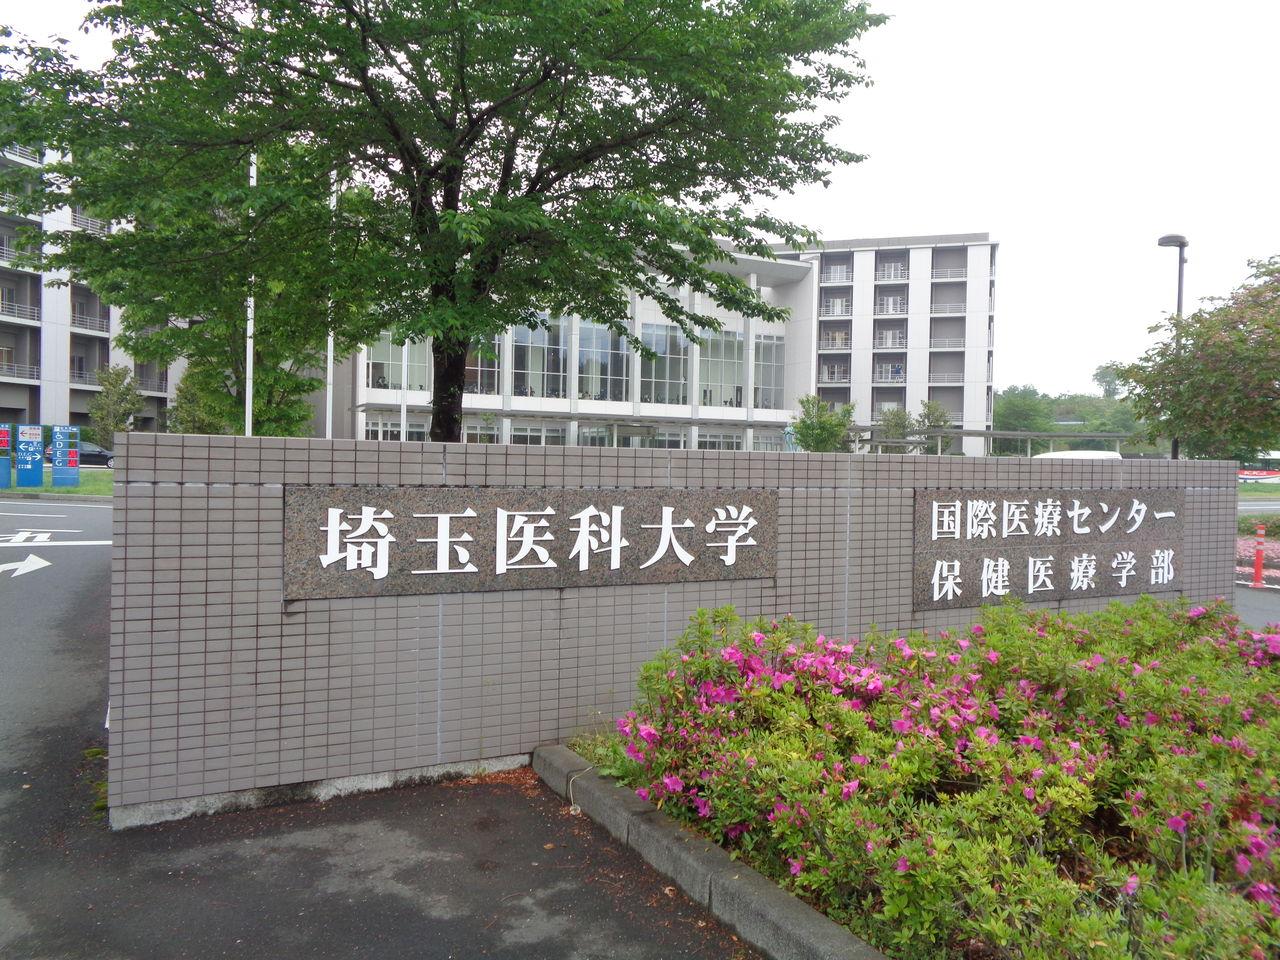 大学 埼玉 毛呂山 医科